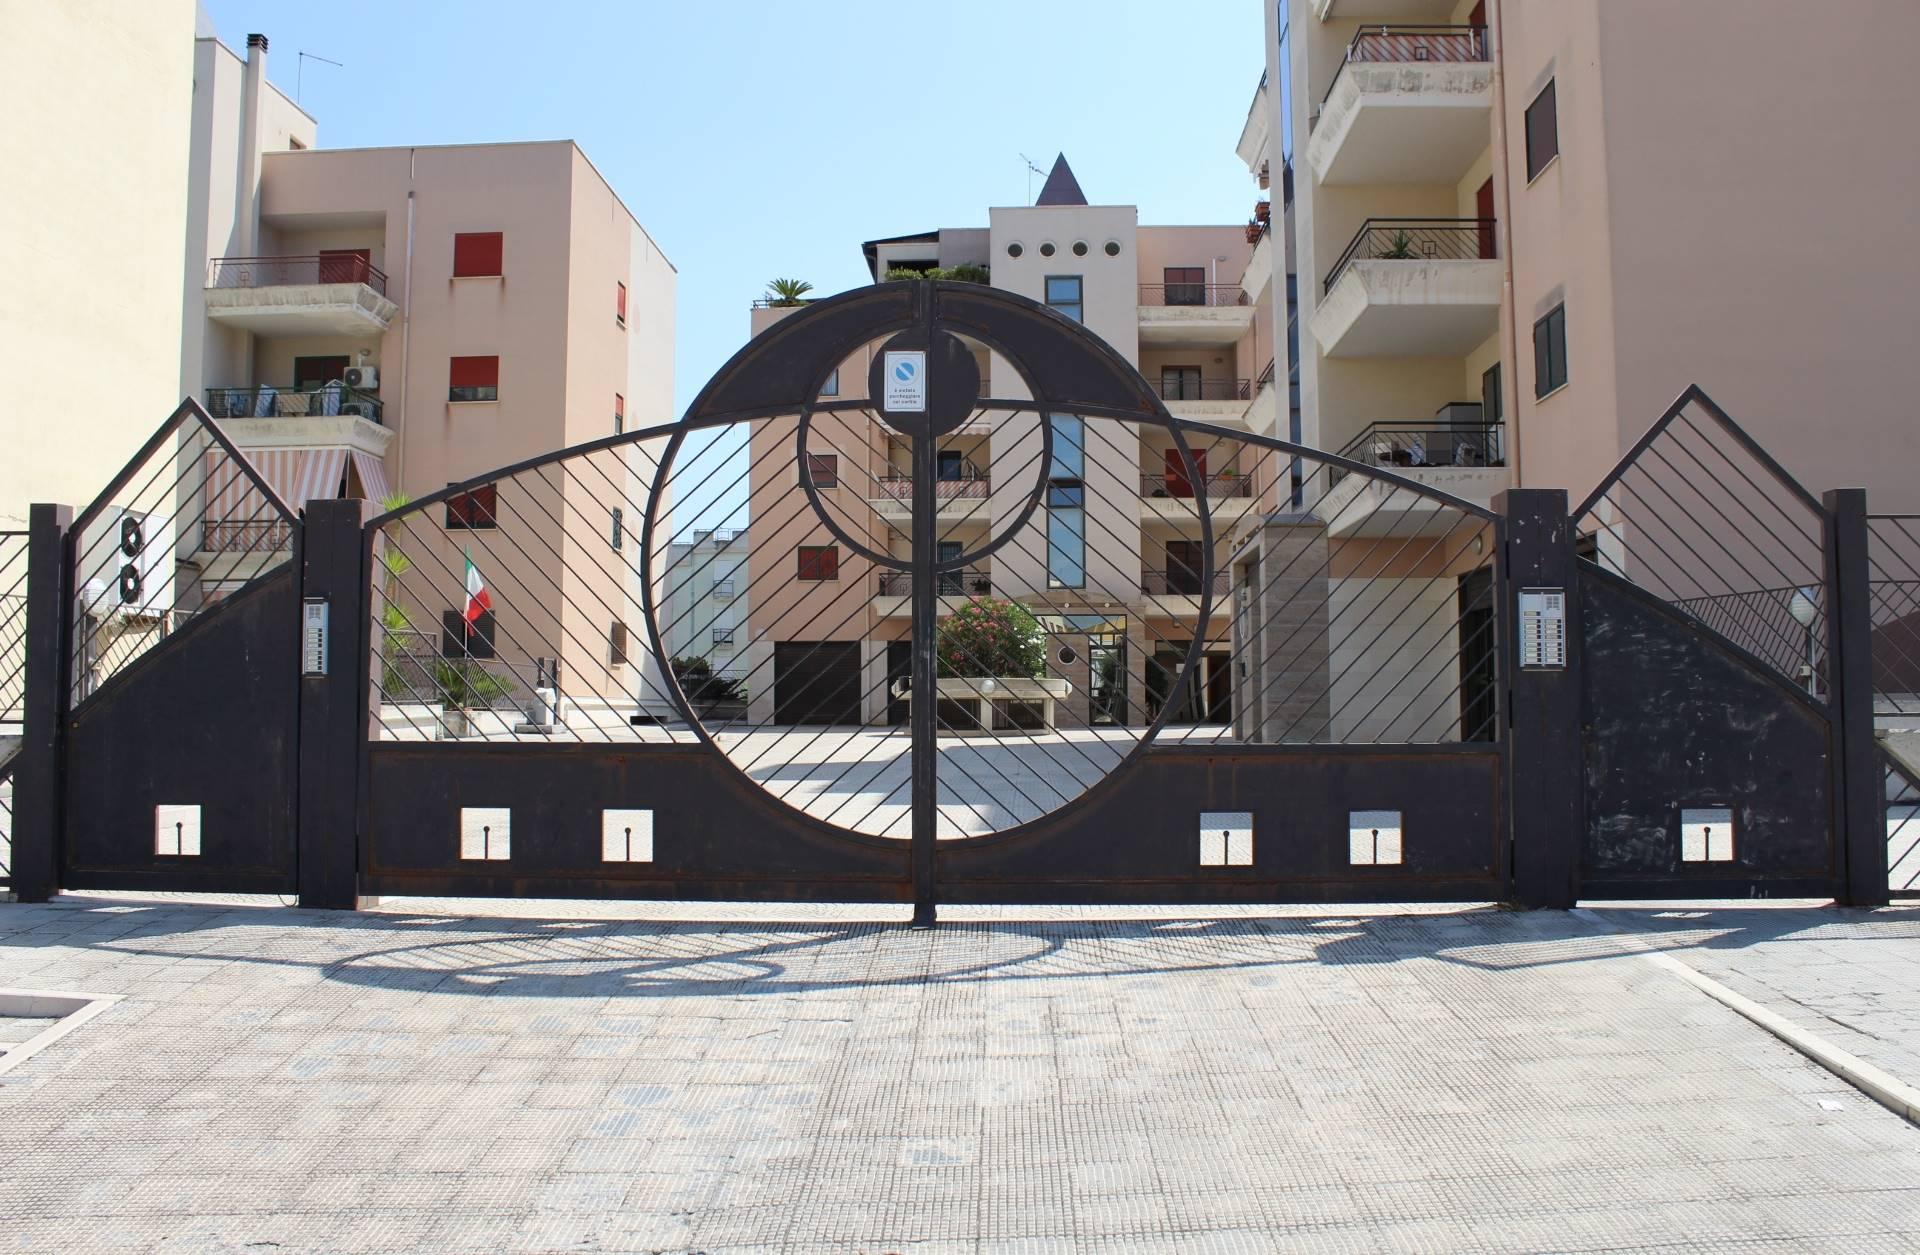 In zona 167 e più precisamente in Via Giovanni Falcone proponiamo la vendita di un appartamento in ottime condizioni, posto al 3° piano di un